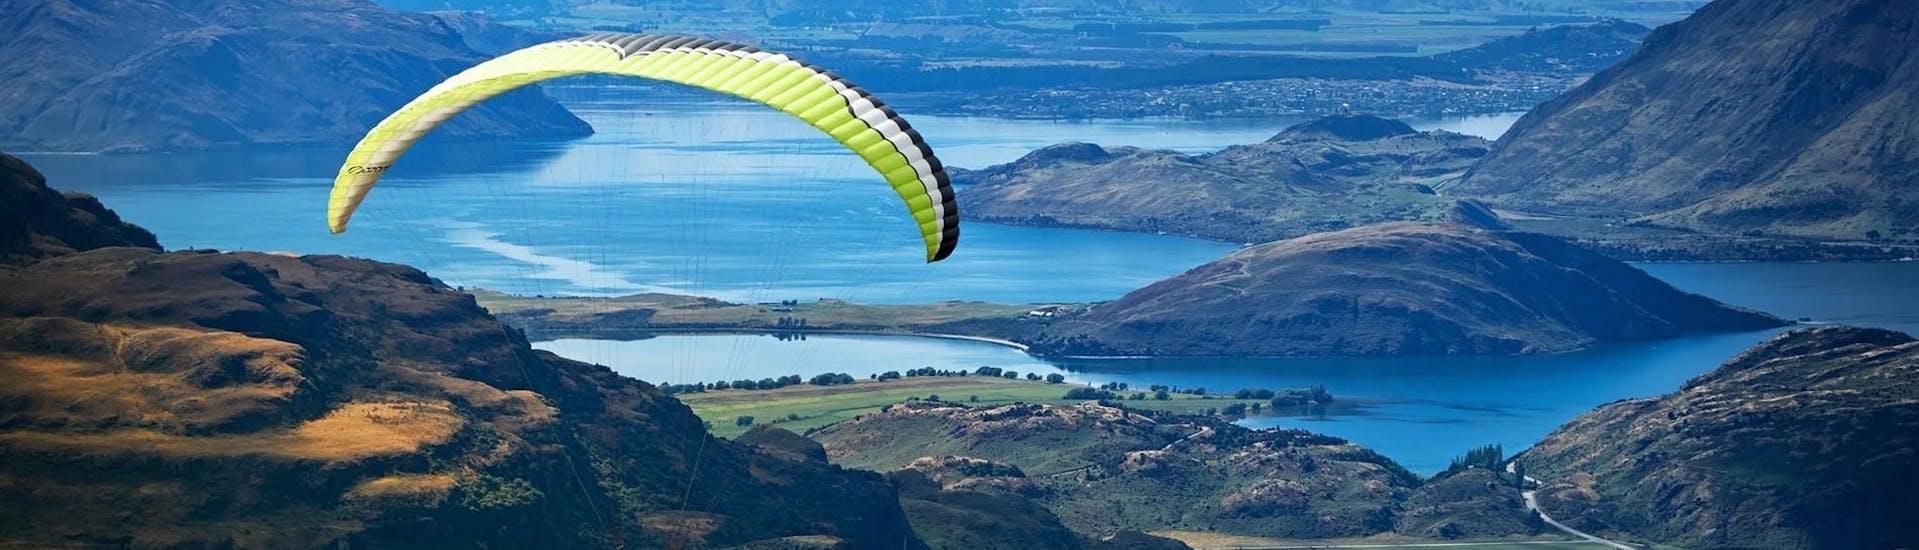 Wanaka Paragliding from Treble Cone